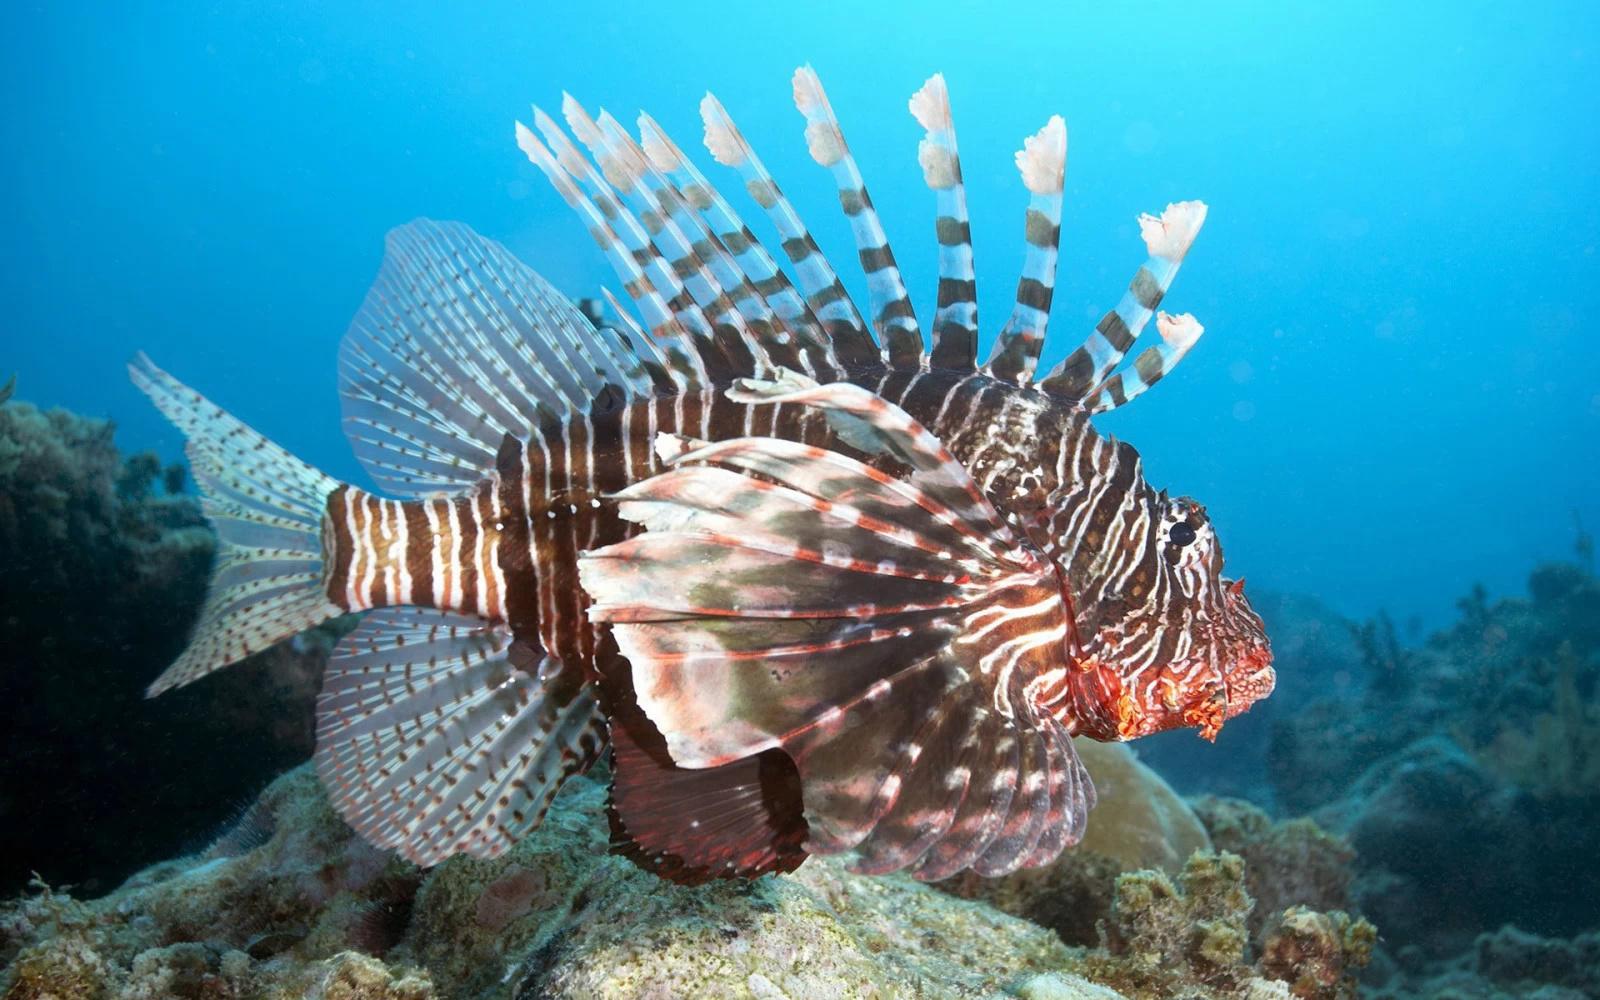 壁纸 动物 海底 海底世界 海洋馆 水族馆 鱼 鱼类 1024_640